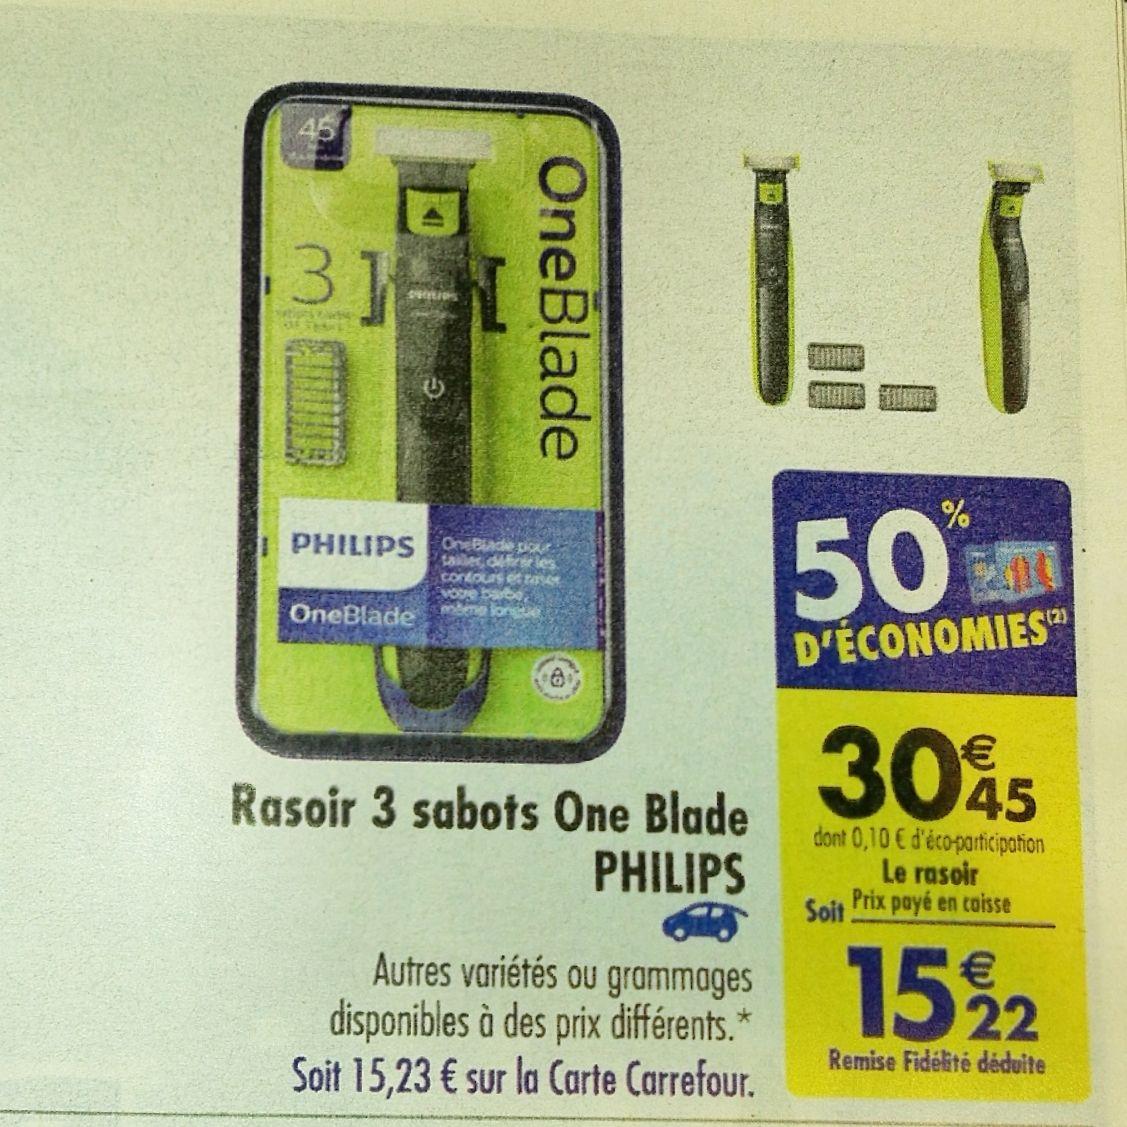 Rasoir 3 sabots OneBlade Philips (via 15.22€ sur la carte fidélité)